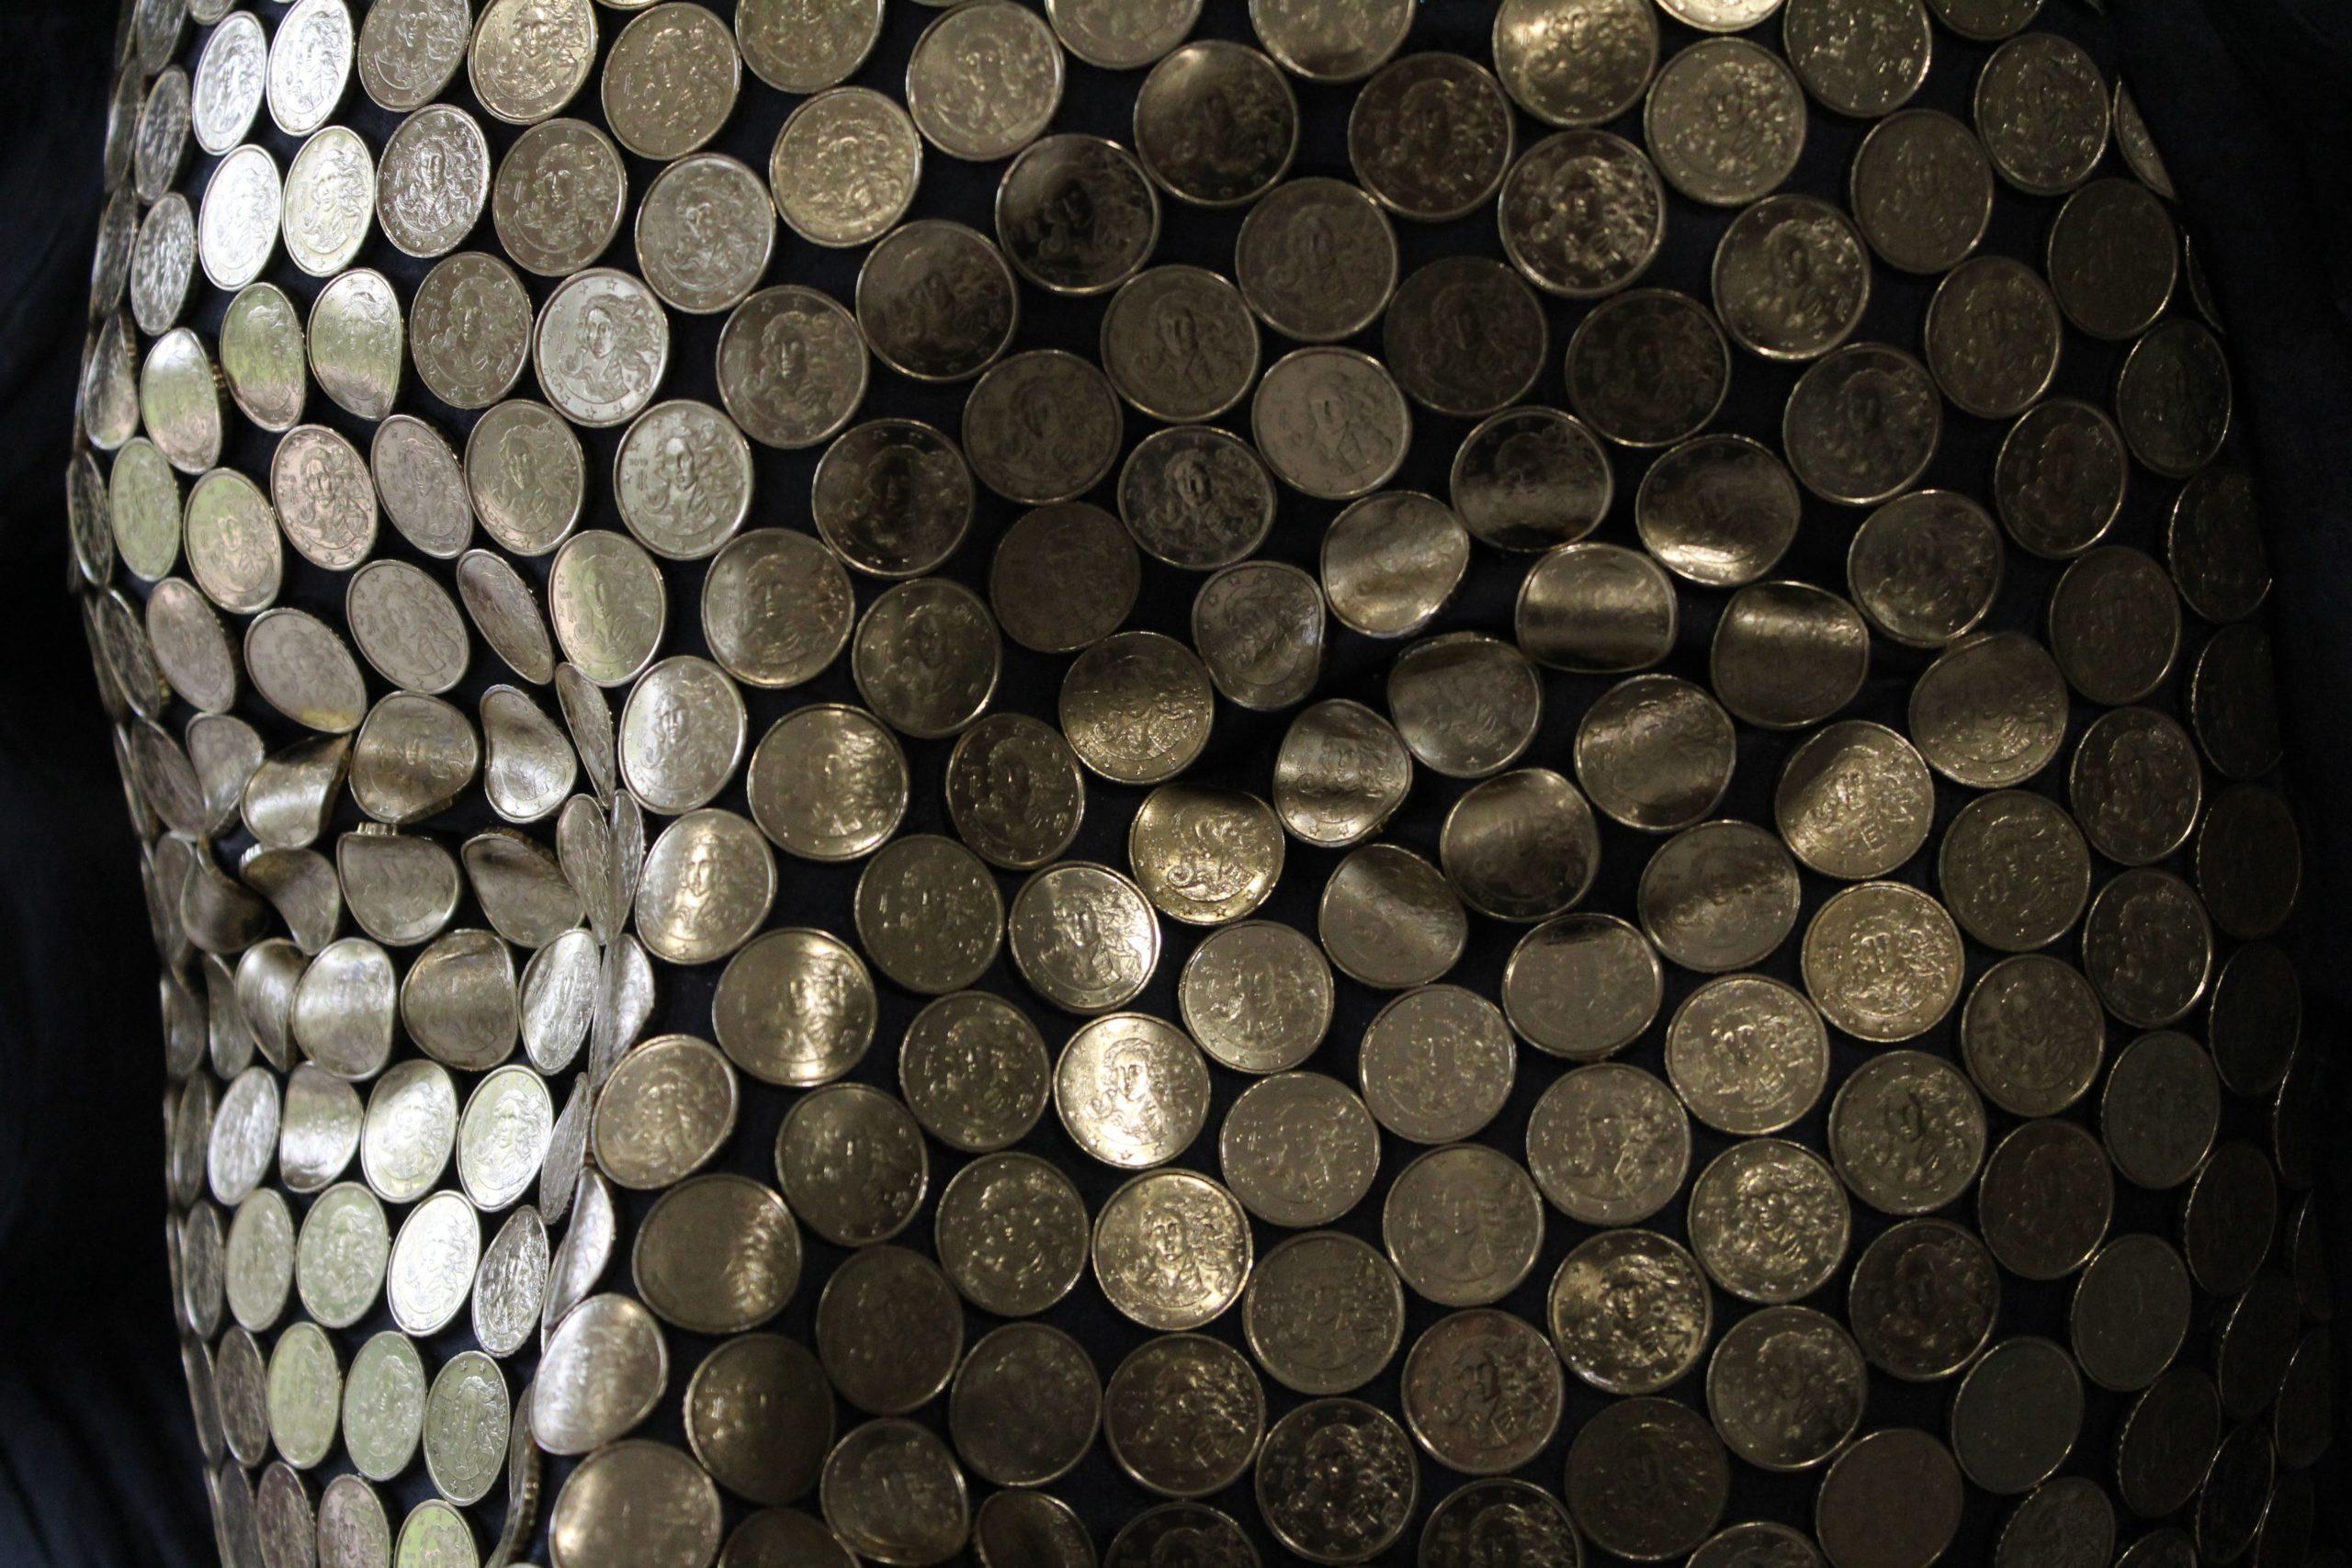 Vera Vera, 10 Centesimi Dimensioni: Altezza 114 Larghezza 124 Profondità 62 cm Materiali: Vetroresina patinata; monete da 10 centesimi Italiane - dettaglio